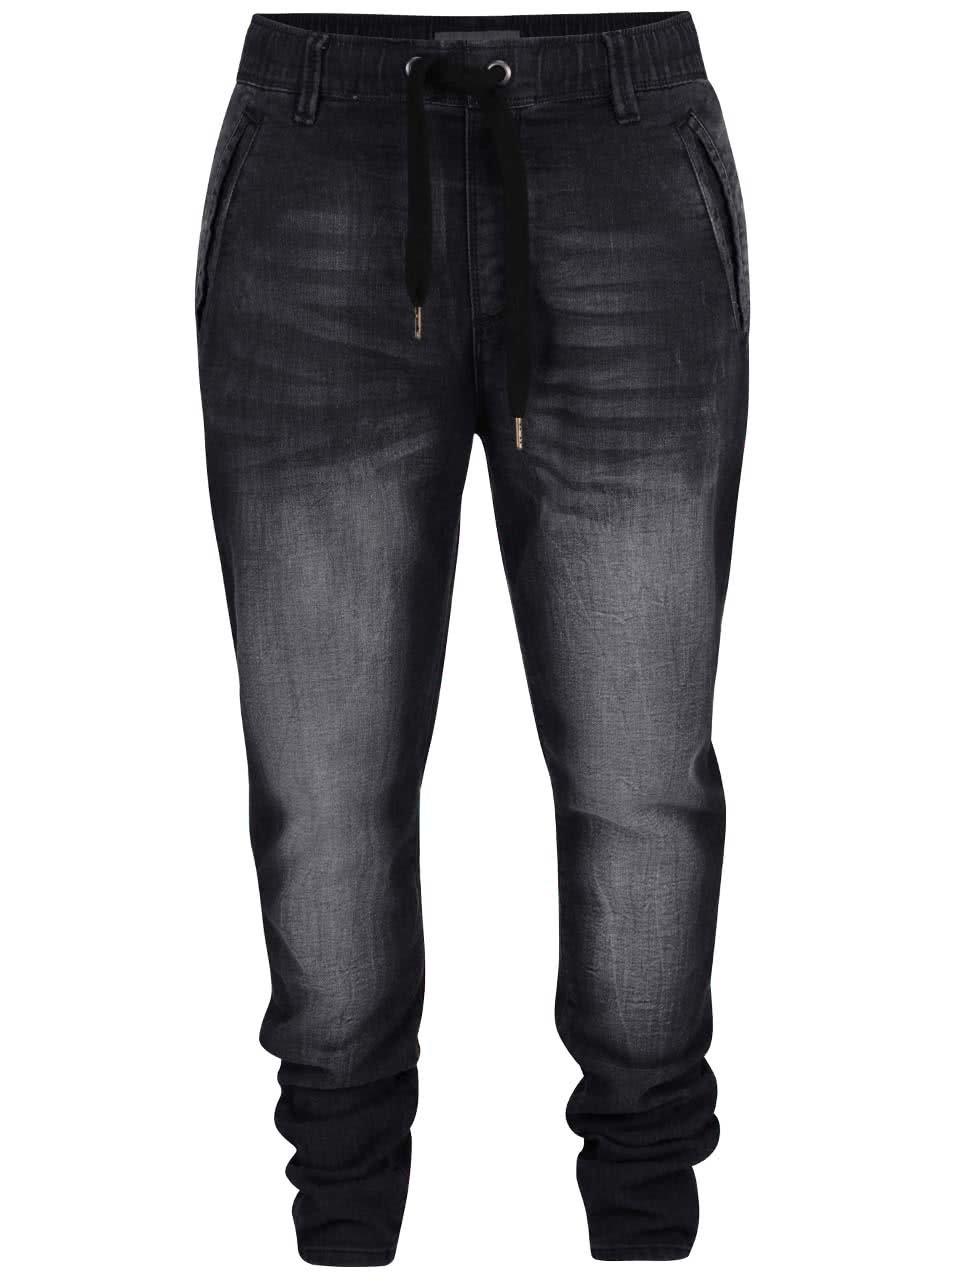 Šedo-černé pánské džíny Shine Original